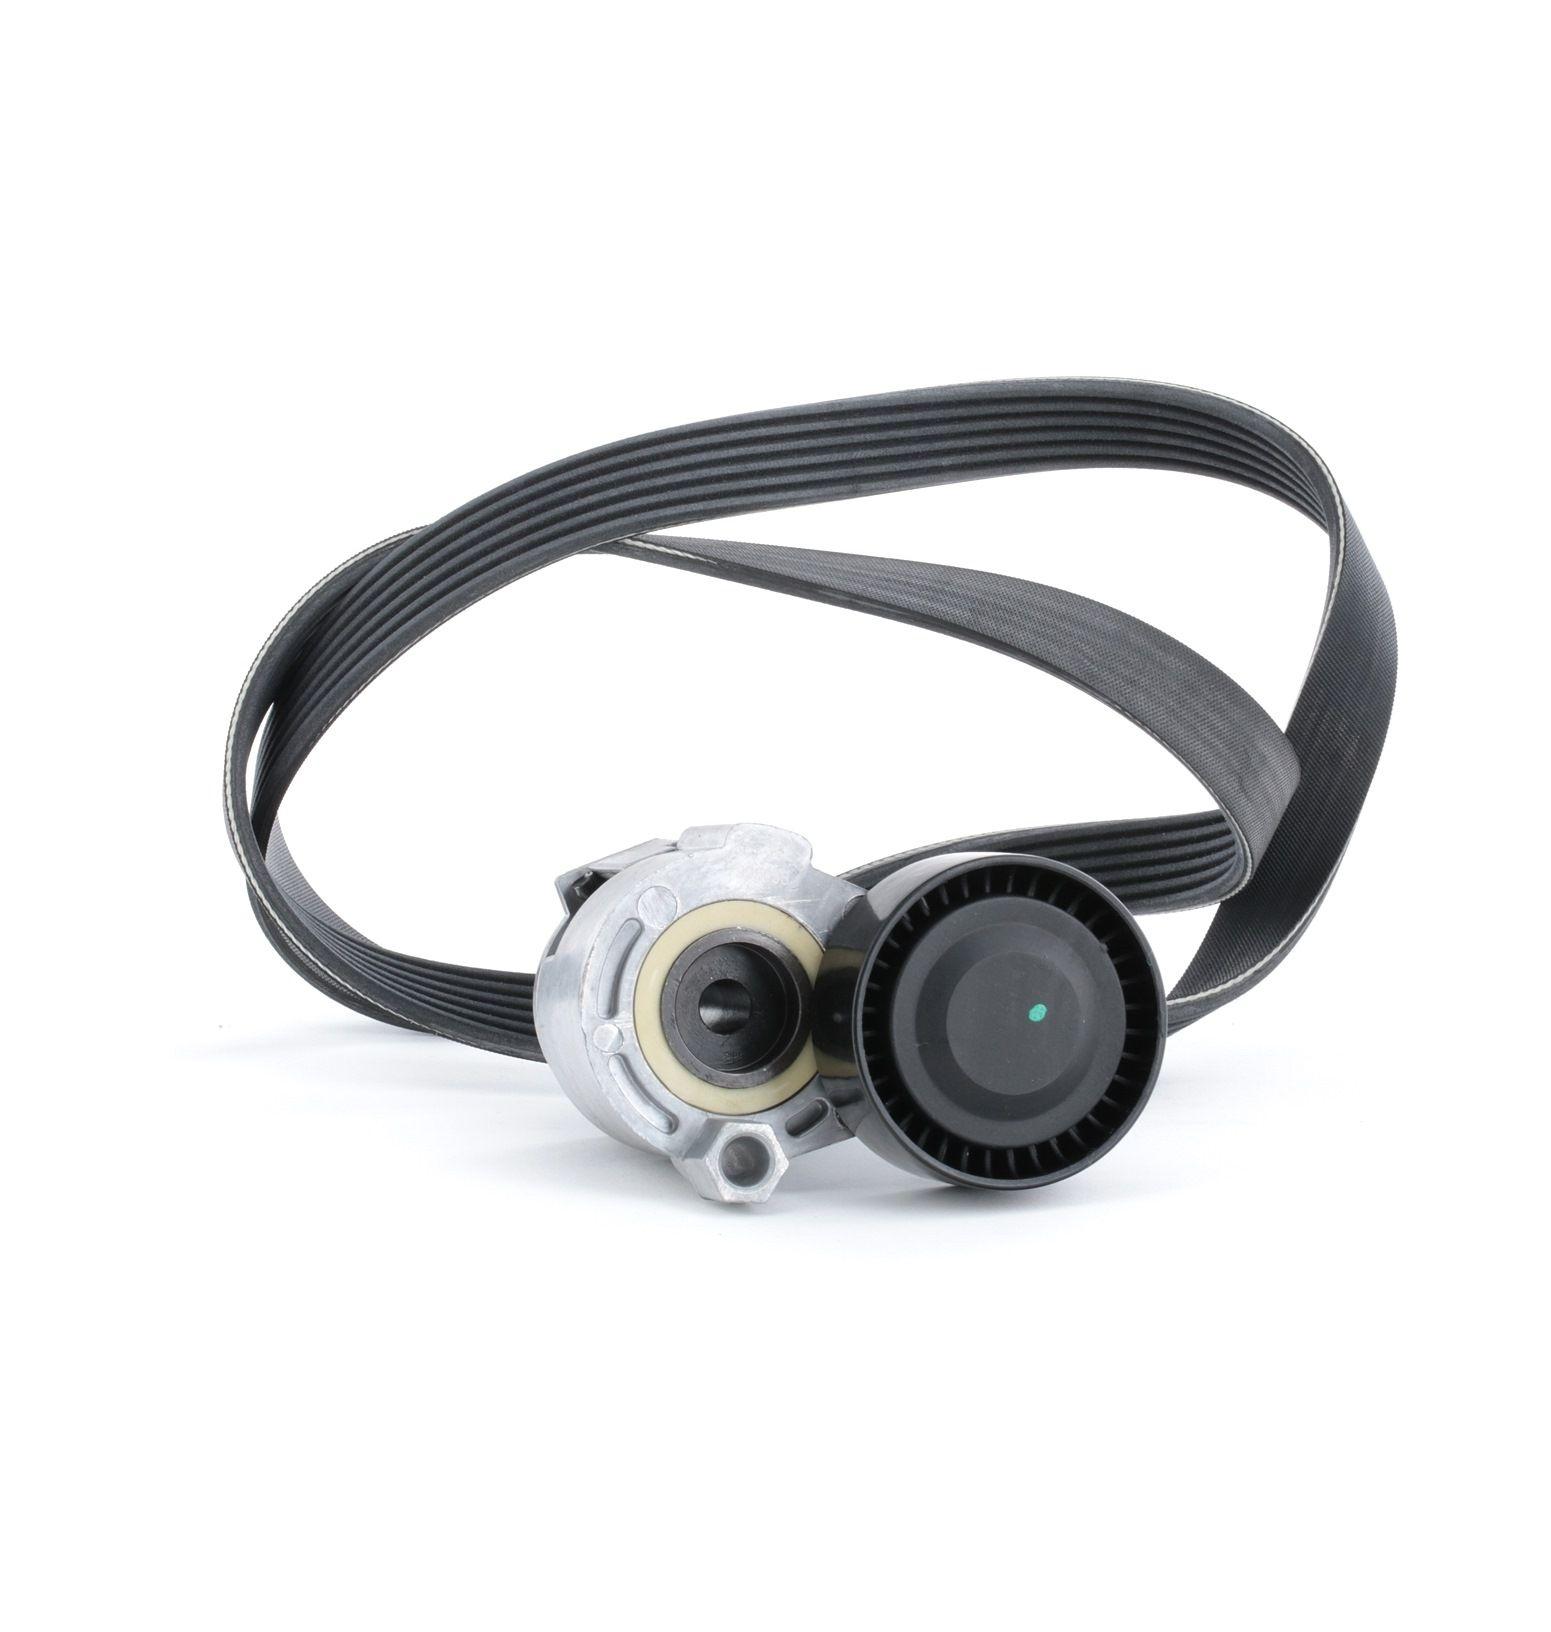 V-Ribbed Belt Set STARK SKRBS-1200022 rating